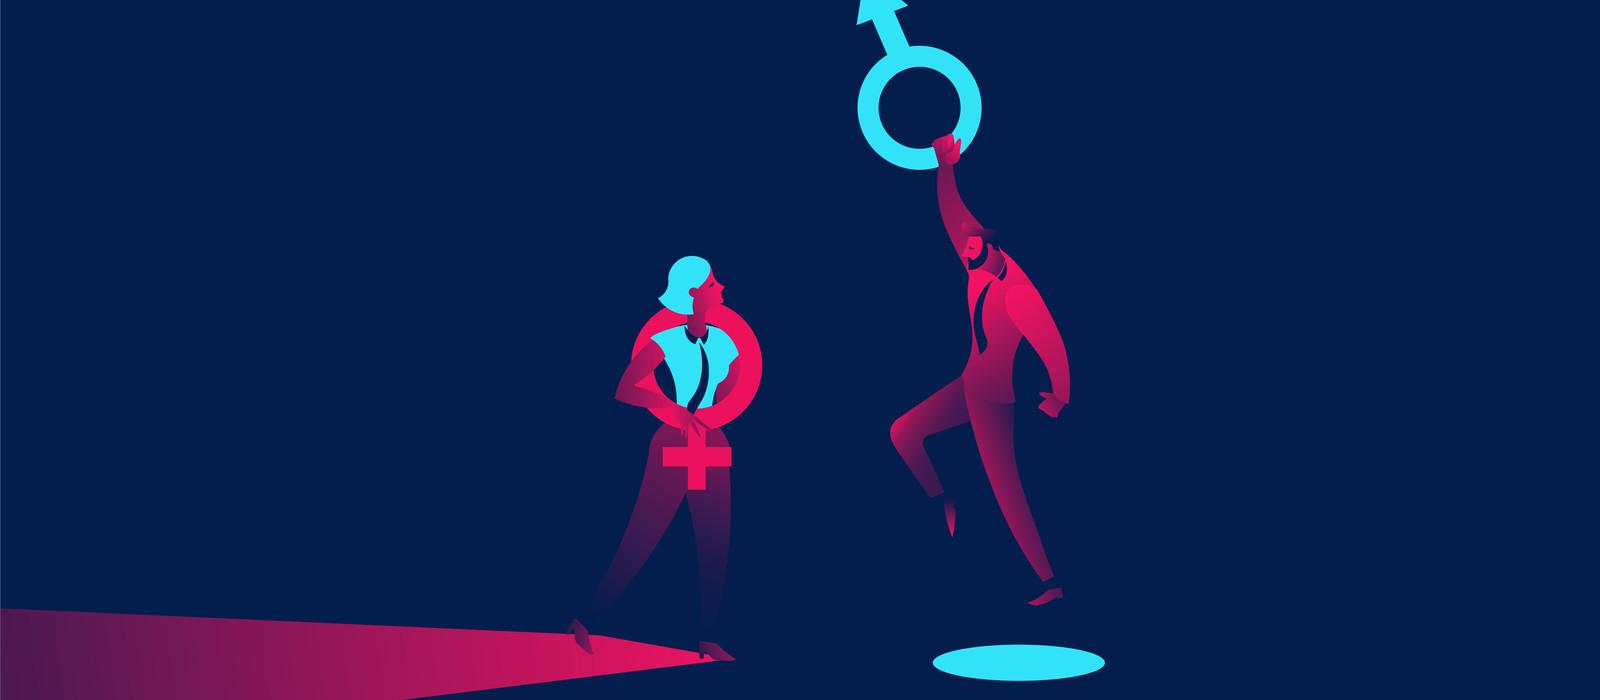 بنا به مجمع اقتصادی جهان، با وضع موجود رسیدن به برابری جنسیتی کامل در جهان حداقل 100 دیگر طول خواهد کشید!